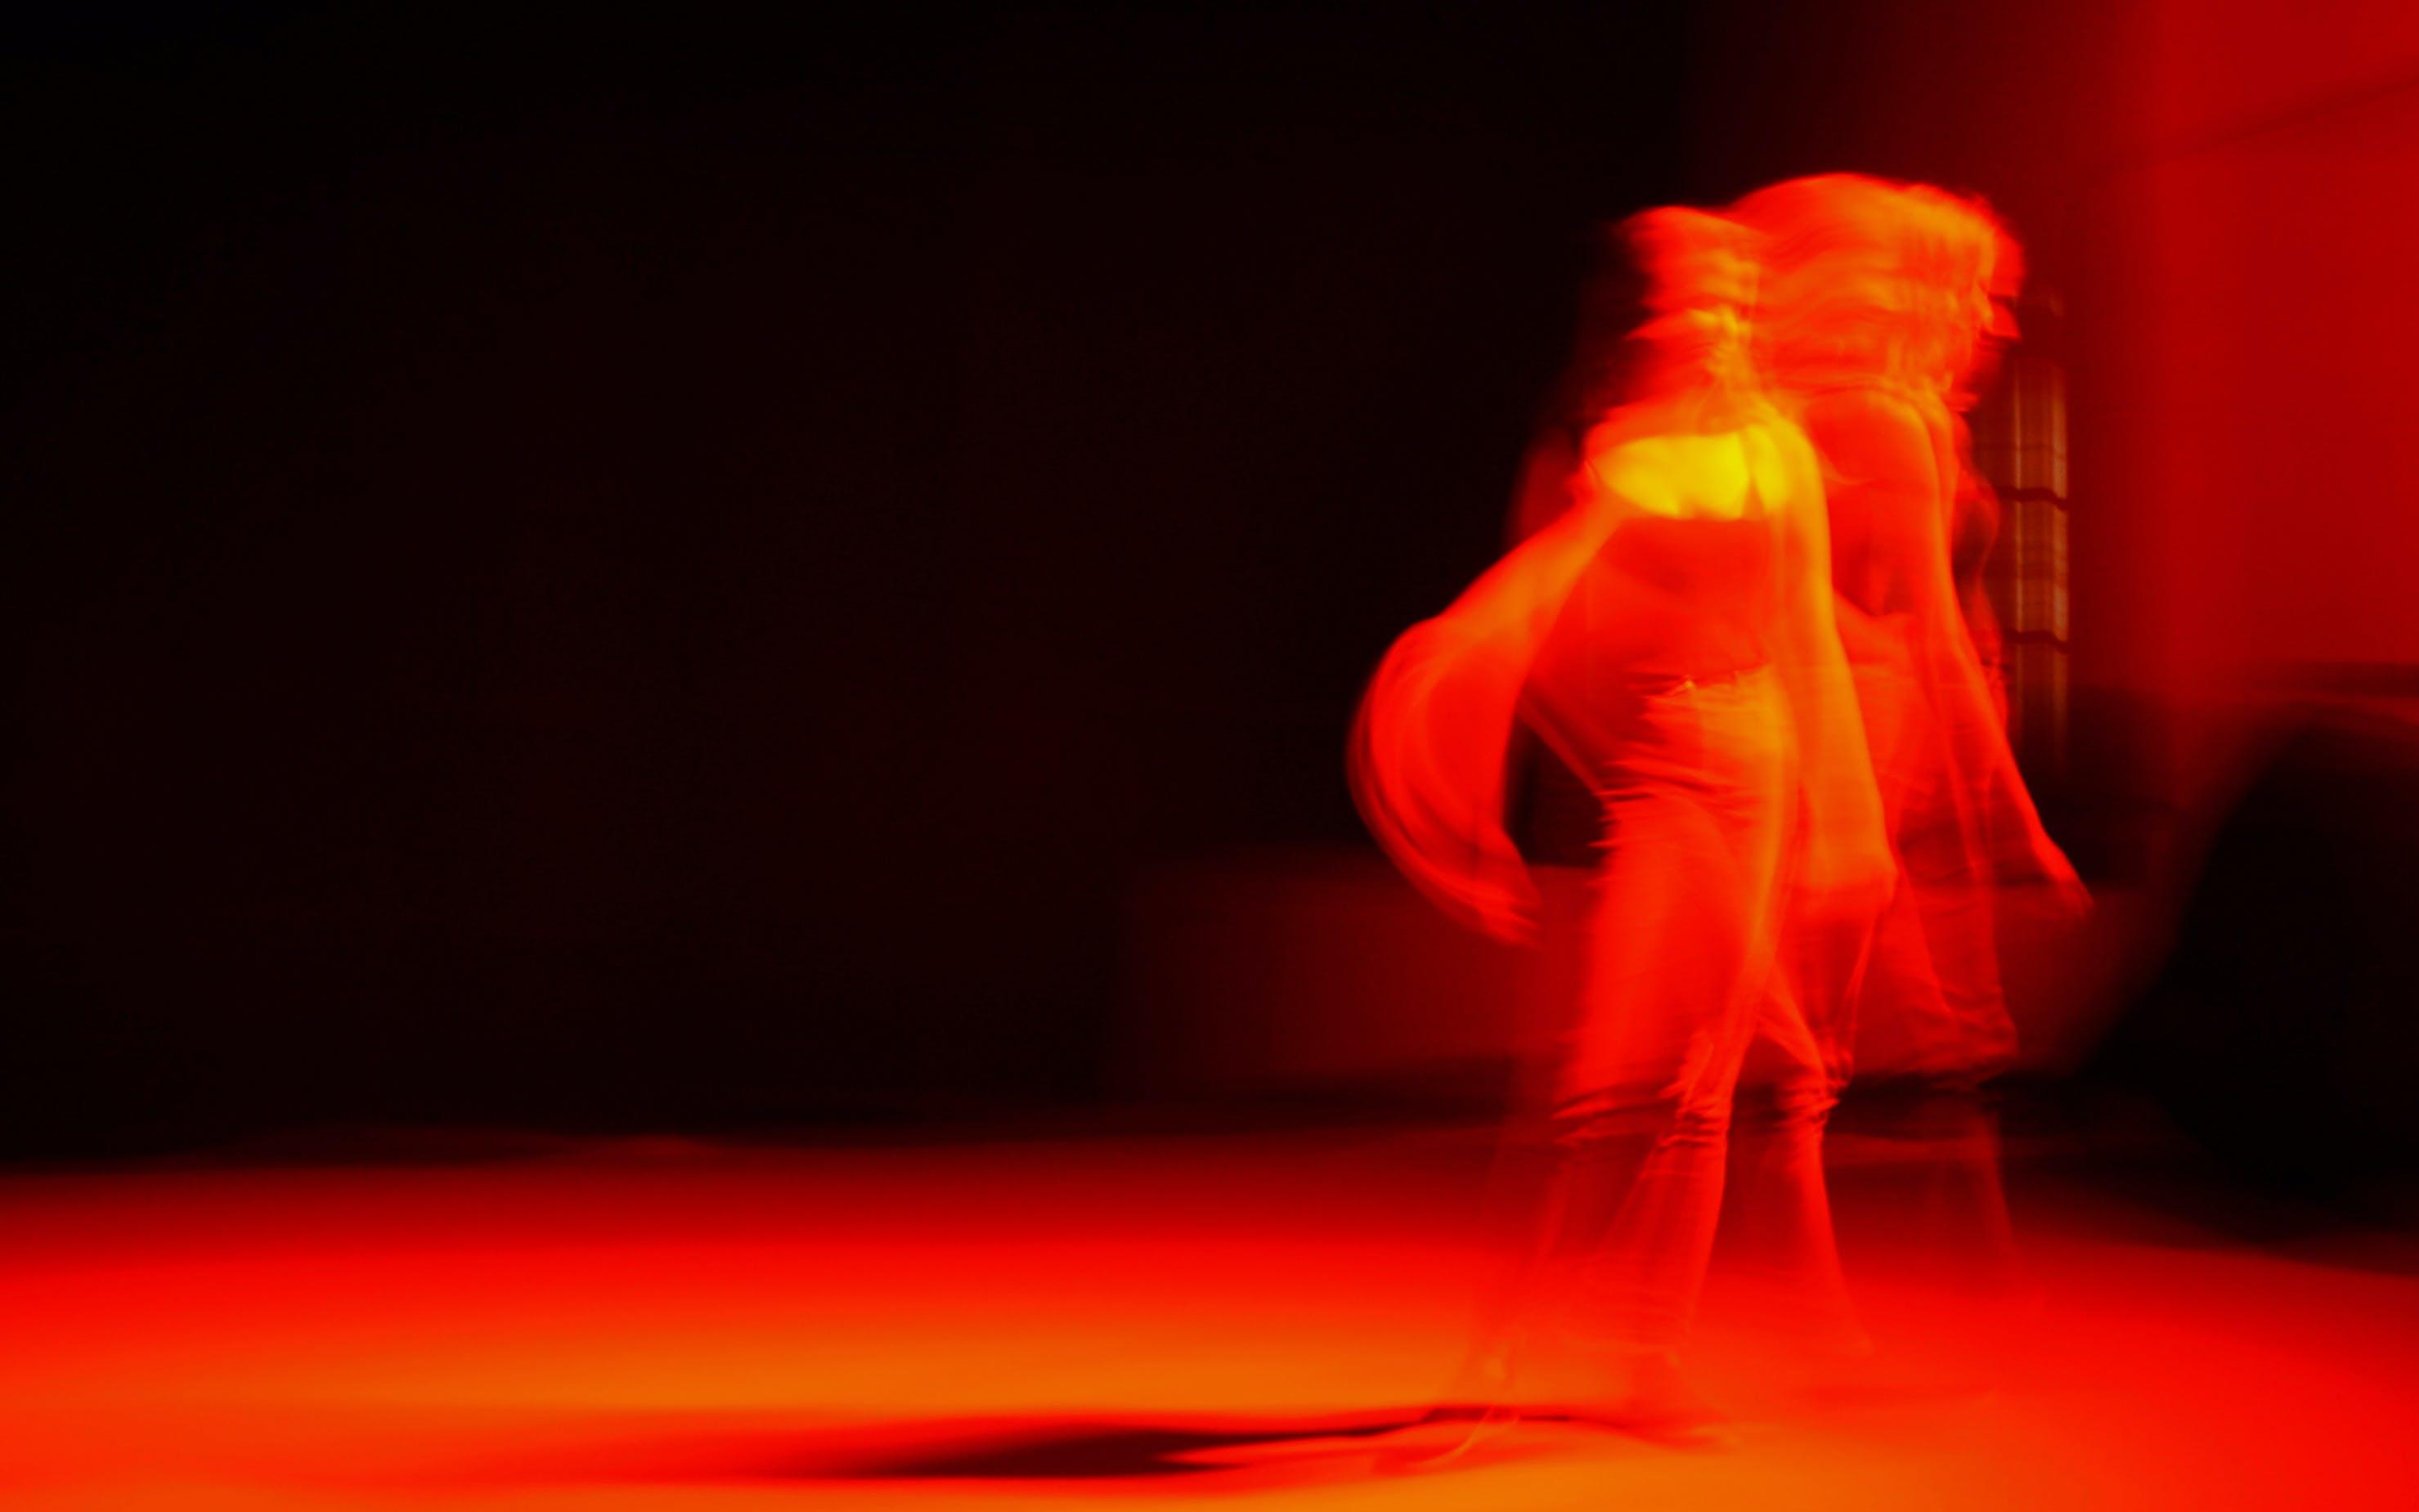 Kostnadsfri bild av ljus och skugga, röd, scen